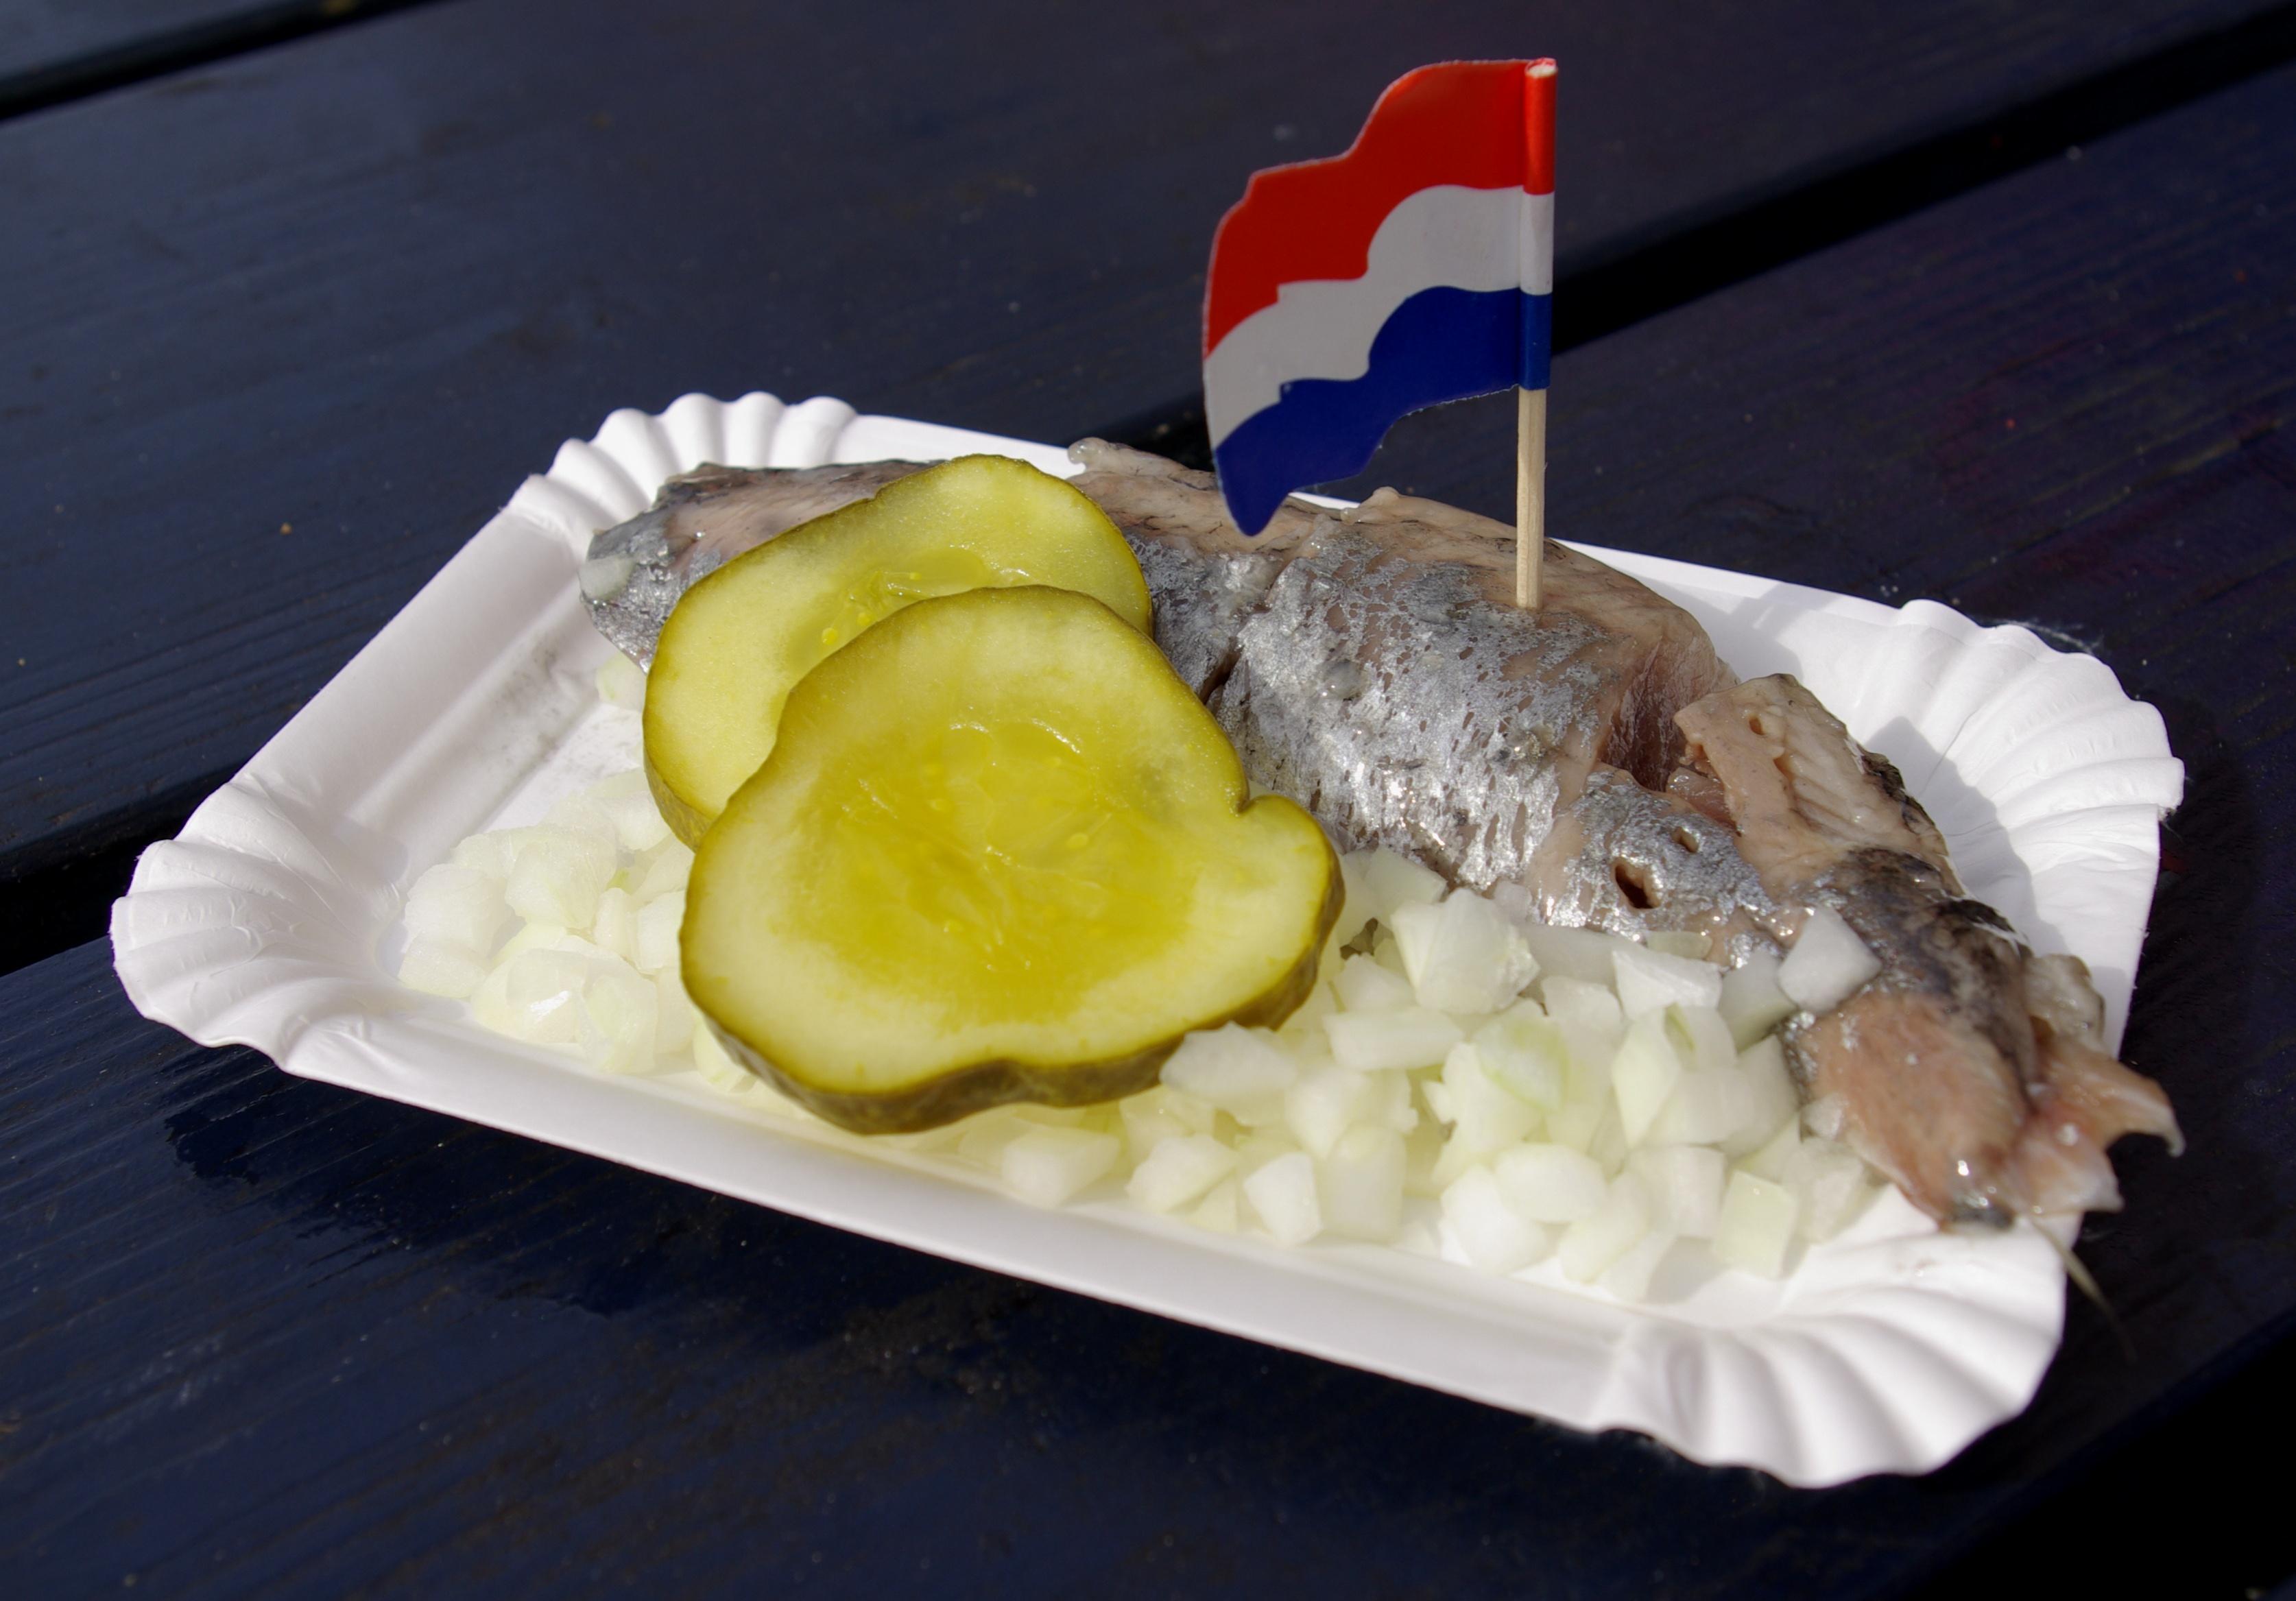 Hollandse Nieuwe 001 - Onde comer em Amsterdam: Onde provar os melhores pratos da culinária holandesa - holanda, amsterdam